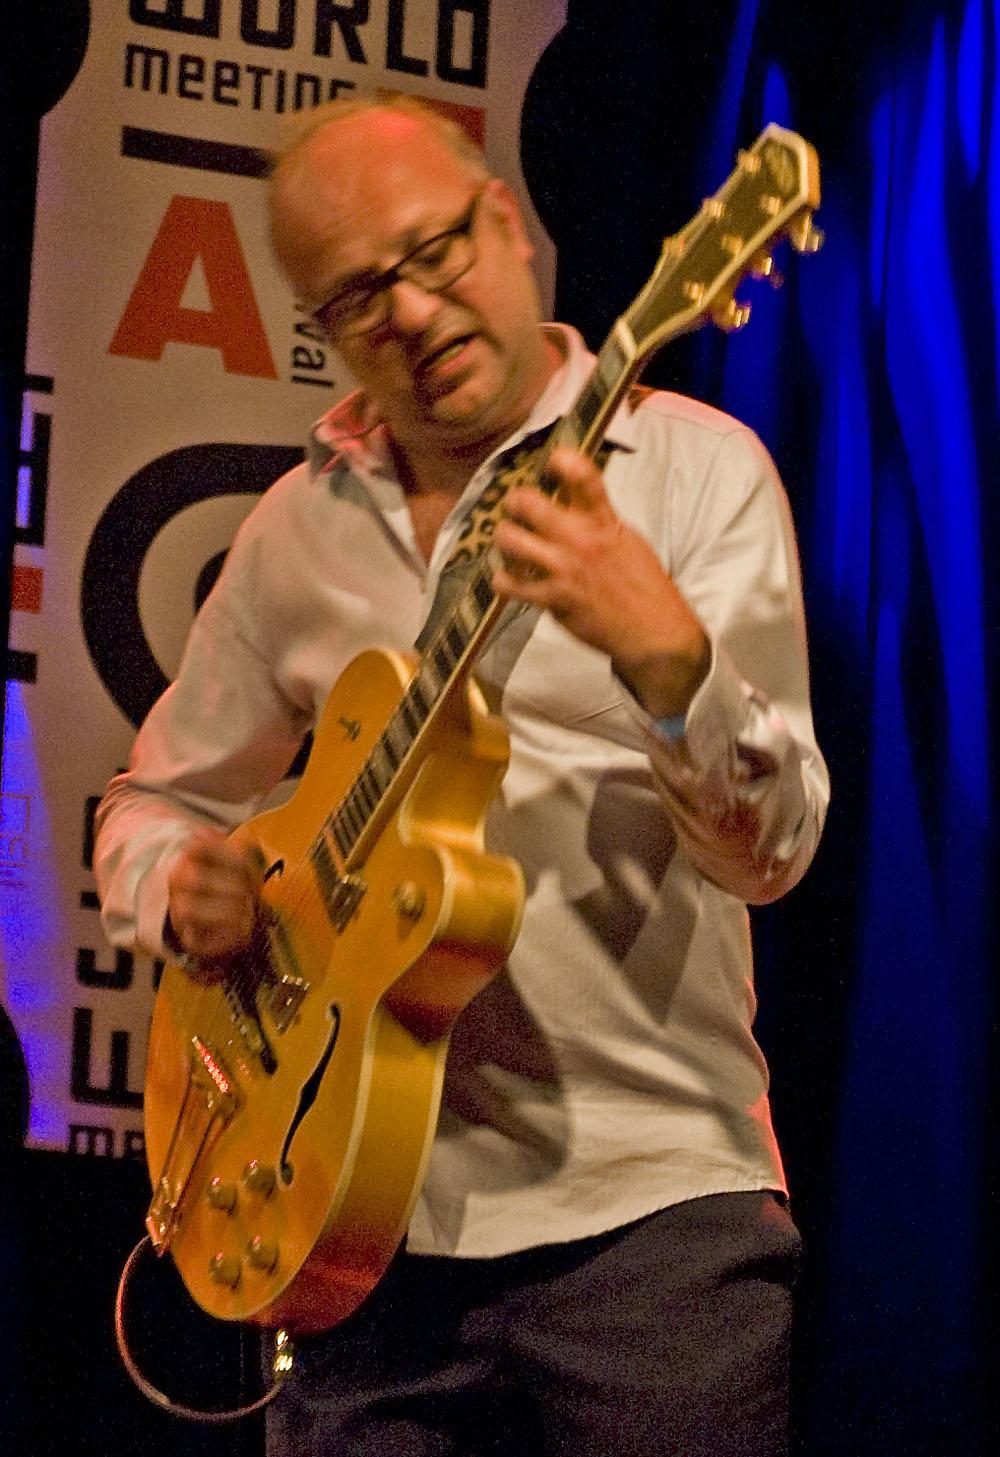 Anton Goudsmit with the Ploctones, Dutch Jazz & World Meeting, December 2, 2010